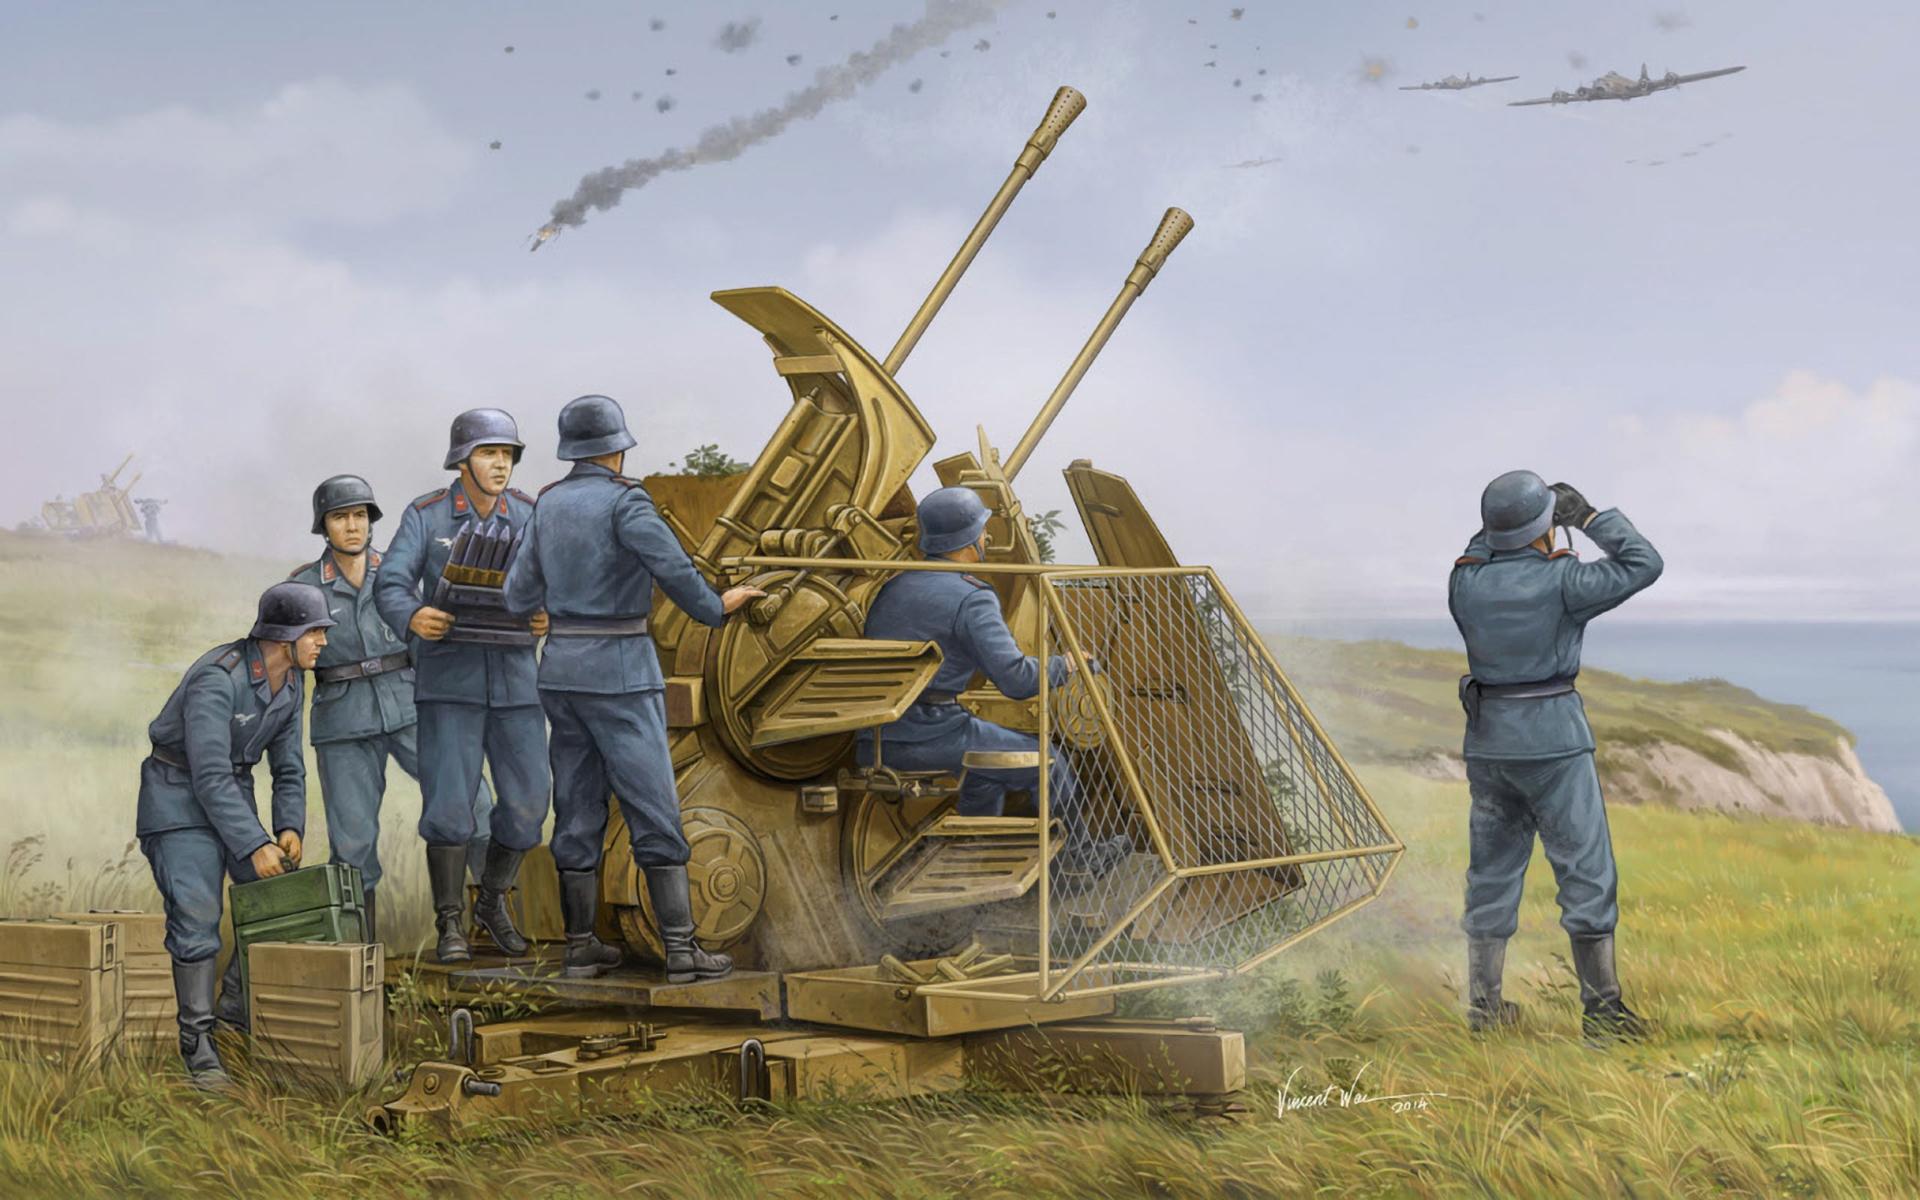 рисунок 37mm Flak 43 Zwilling